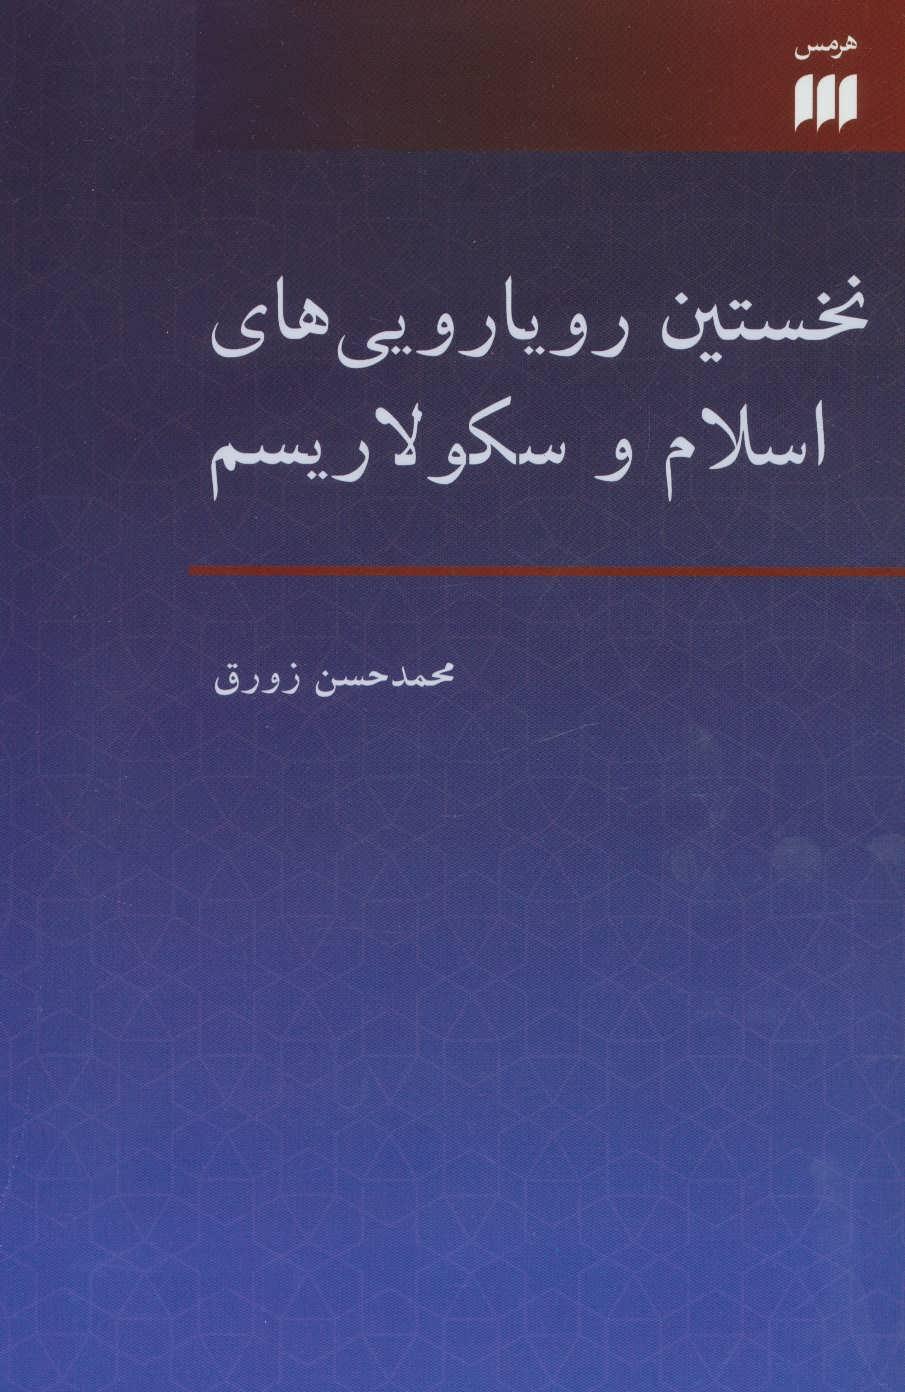 نخستین رویارویی های اسلام و سکولاریسم